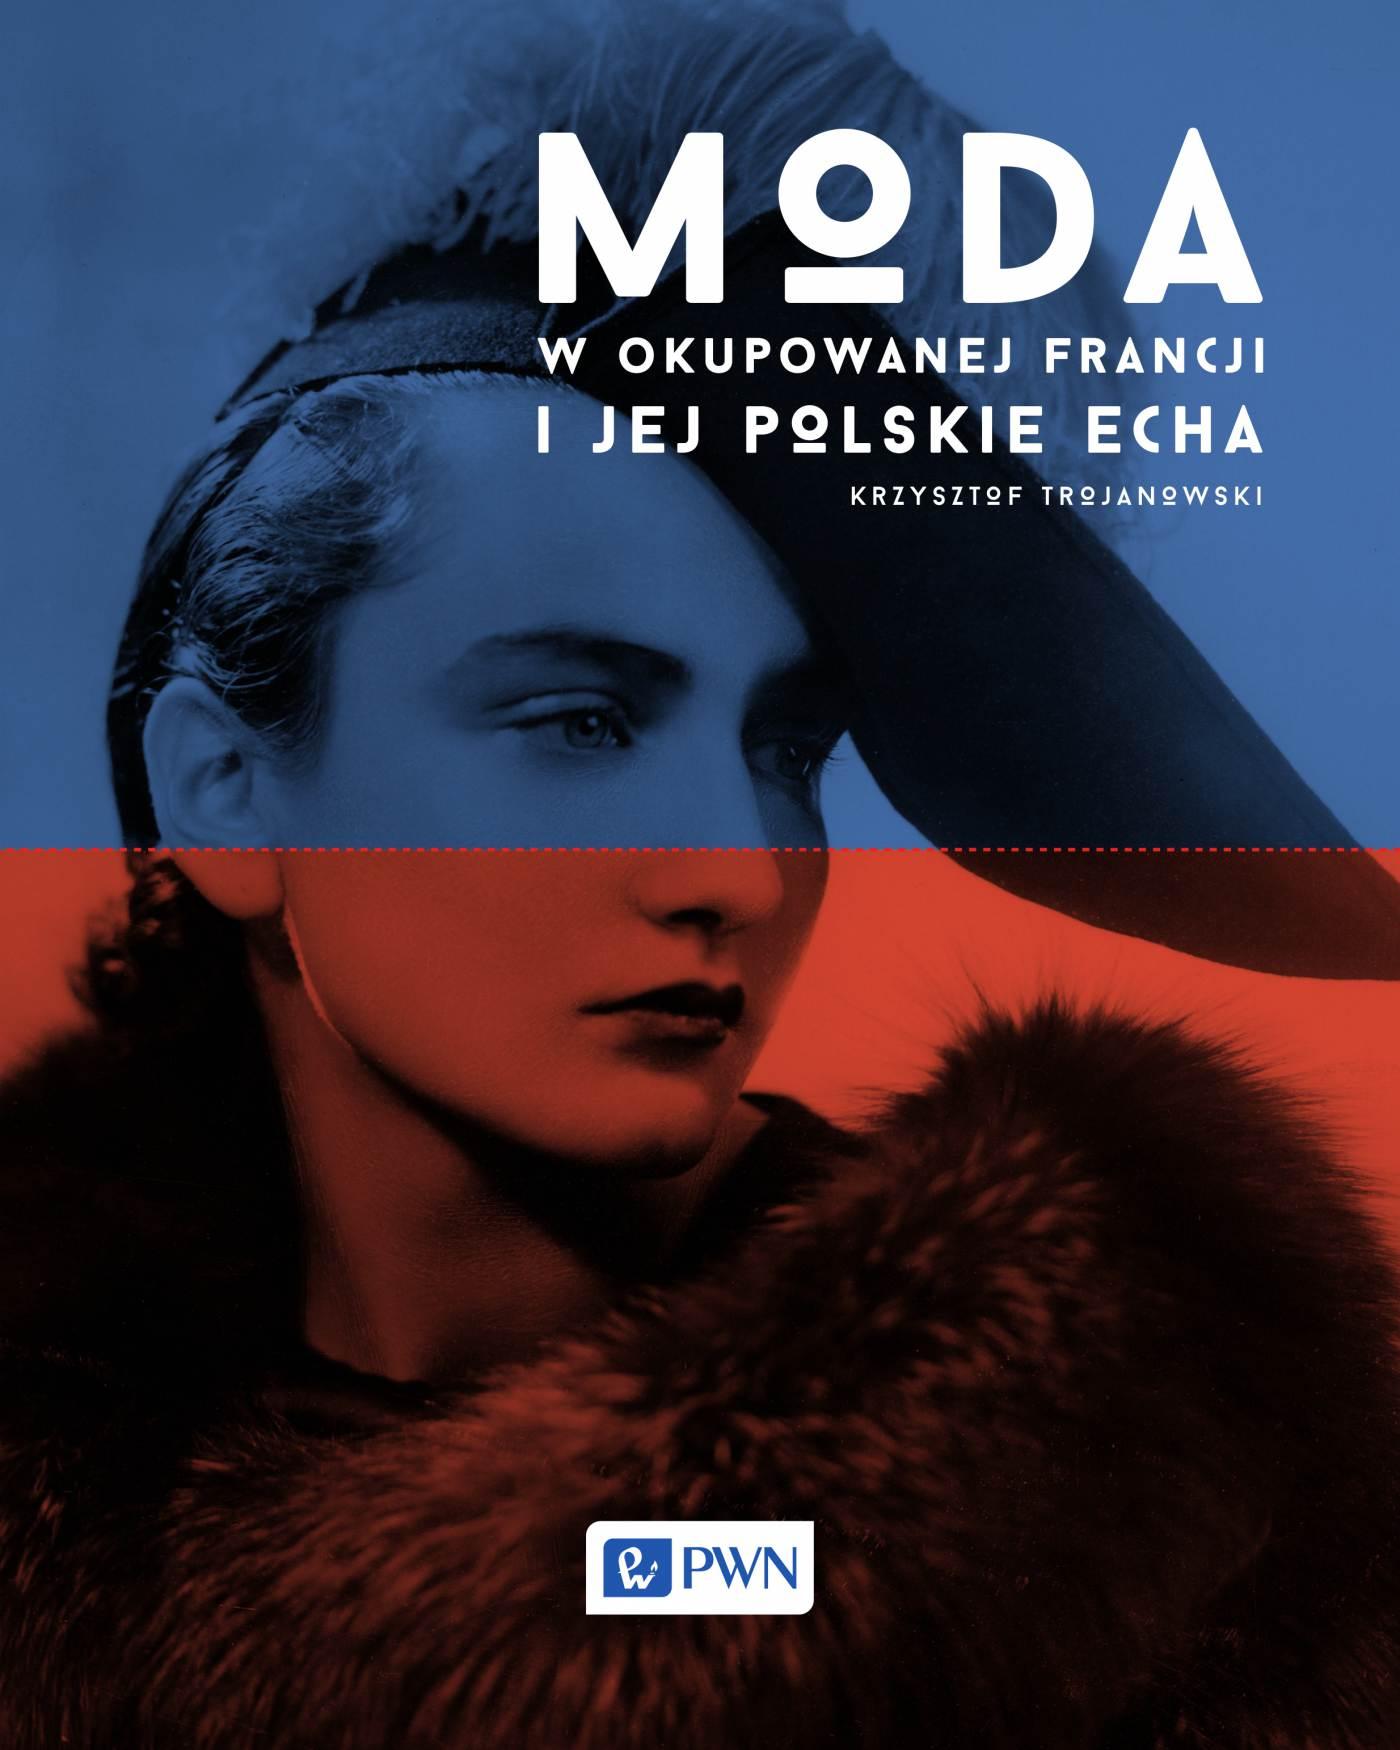 Moda w okupowanej Francji - Ebook (Książka EPUB) do pobrania w formacie EPUB